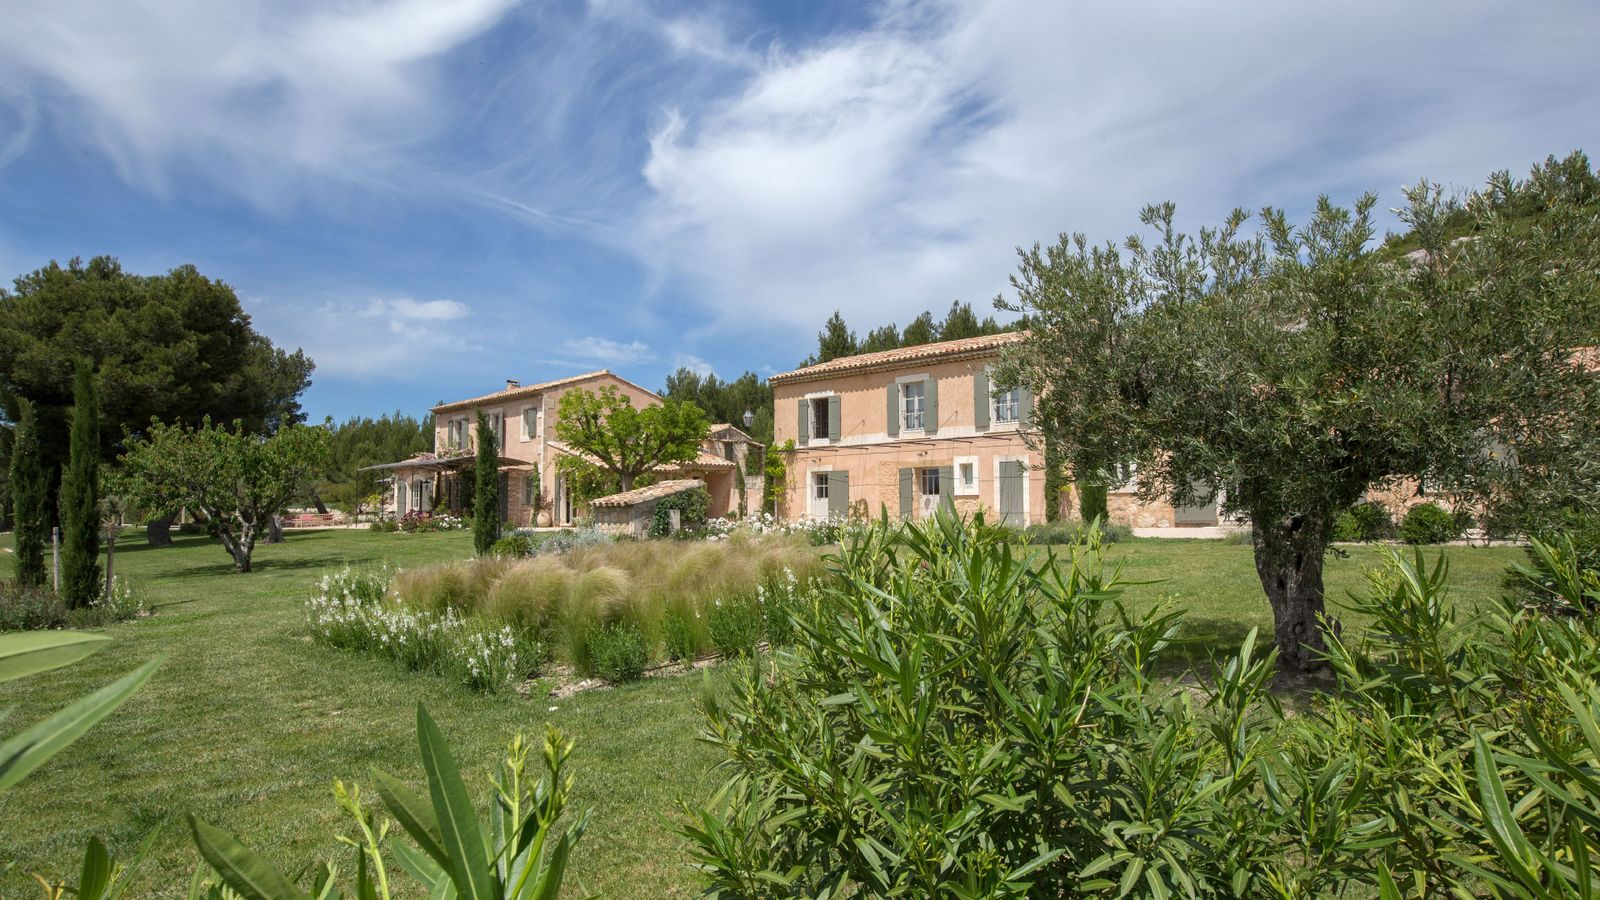 vacances Location villa prestige en Provence France